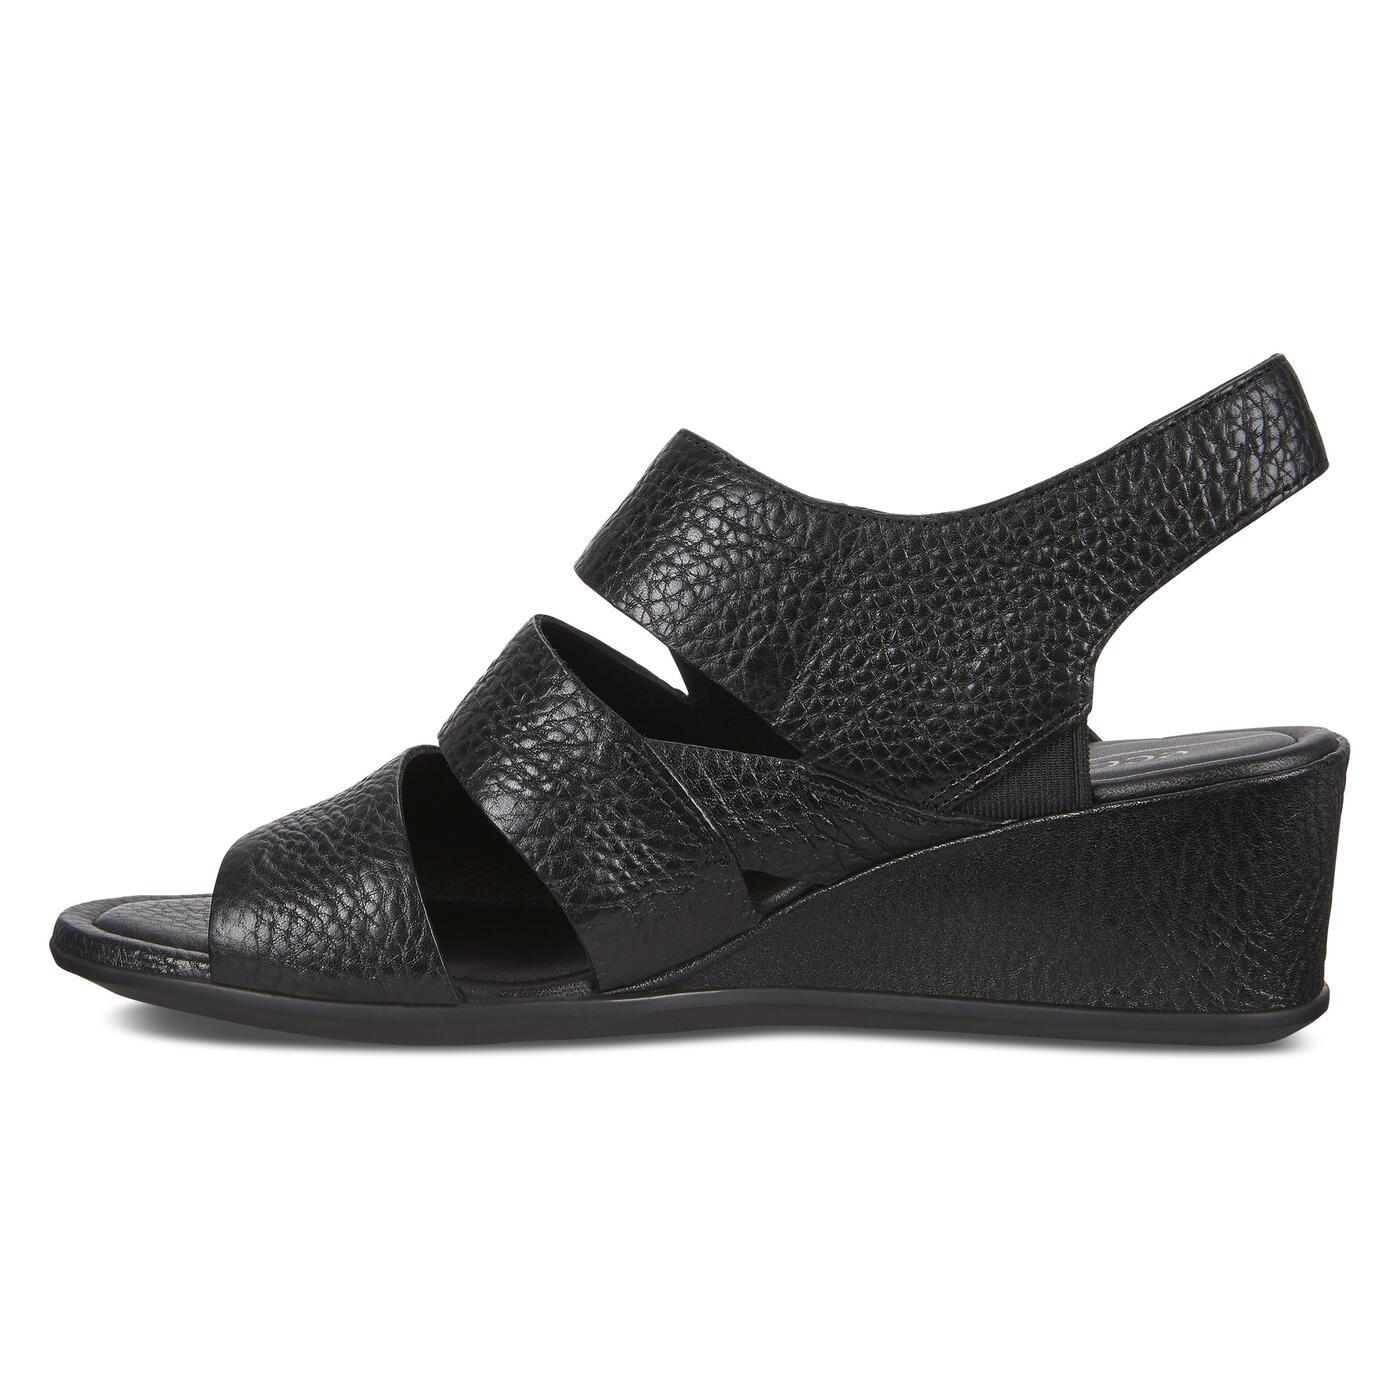 Sandale àtalon compensée ECCO SHAPE 35